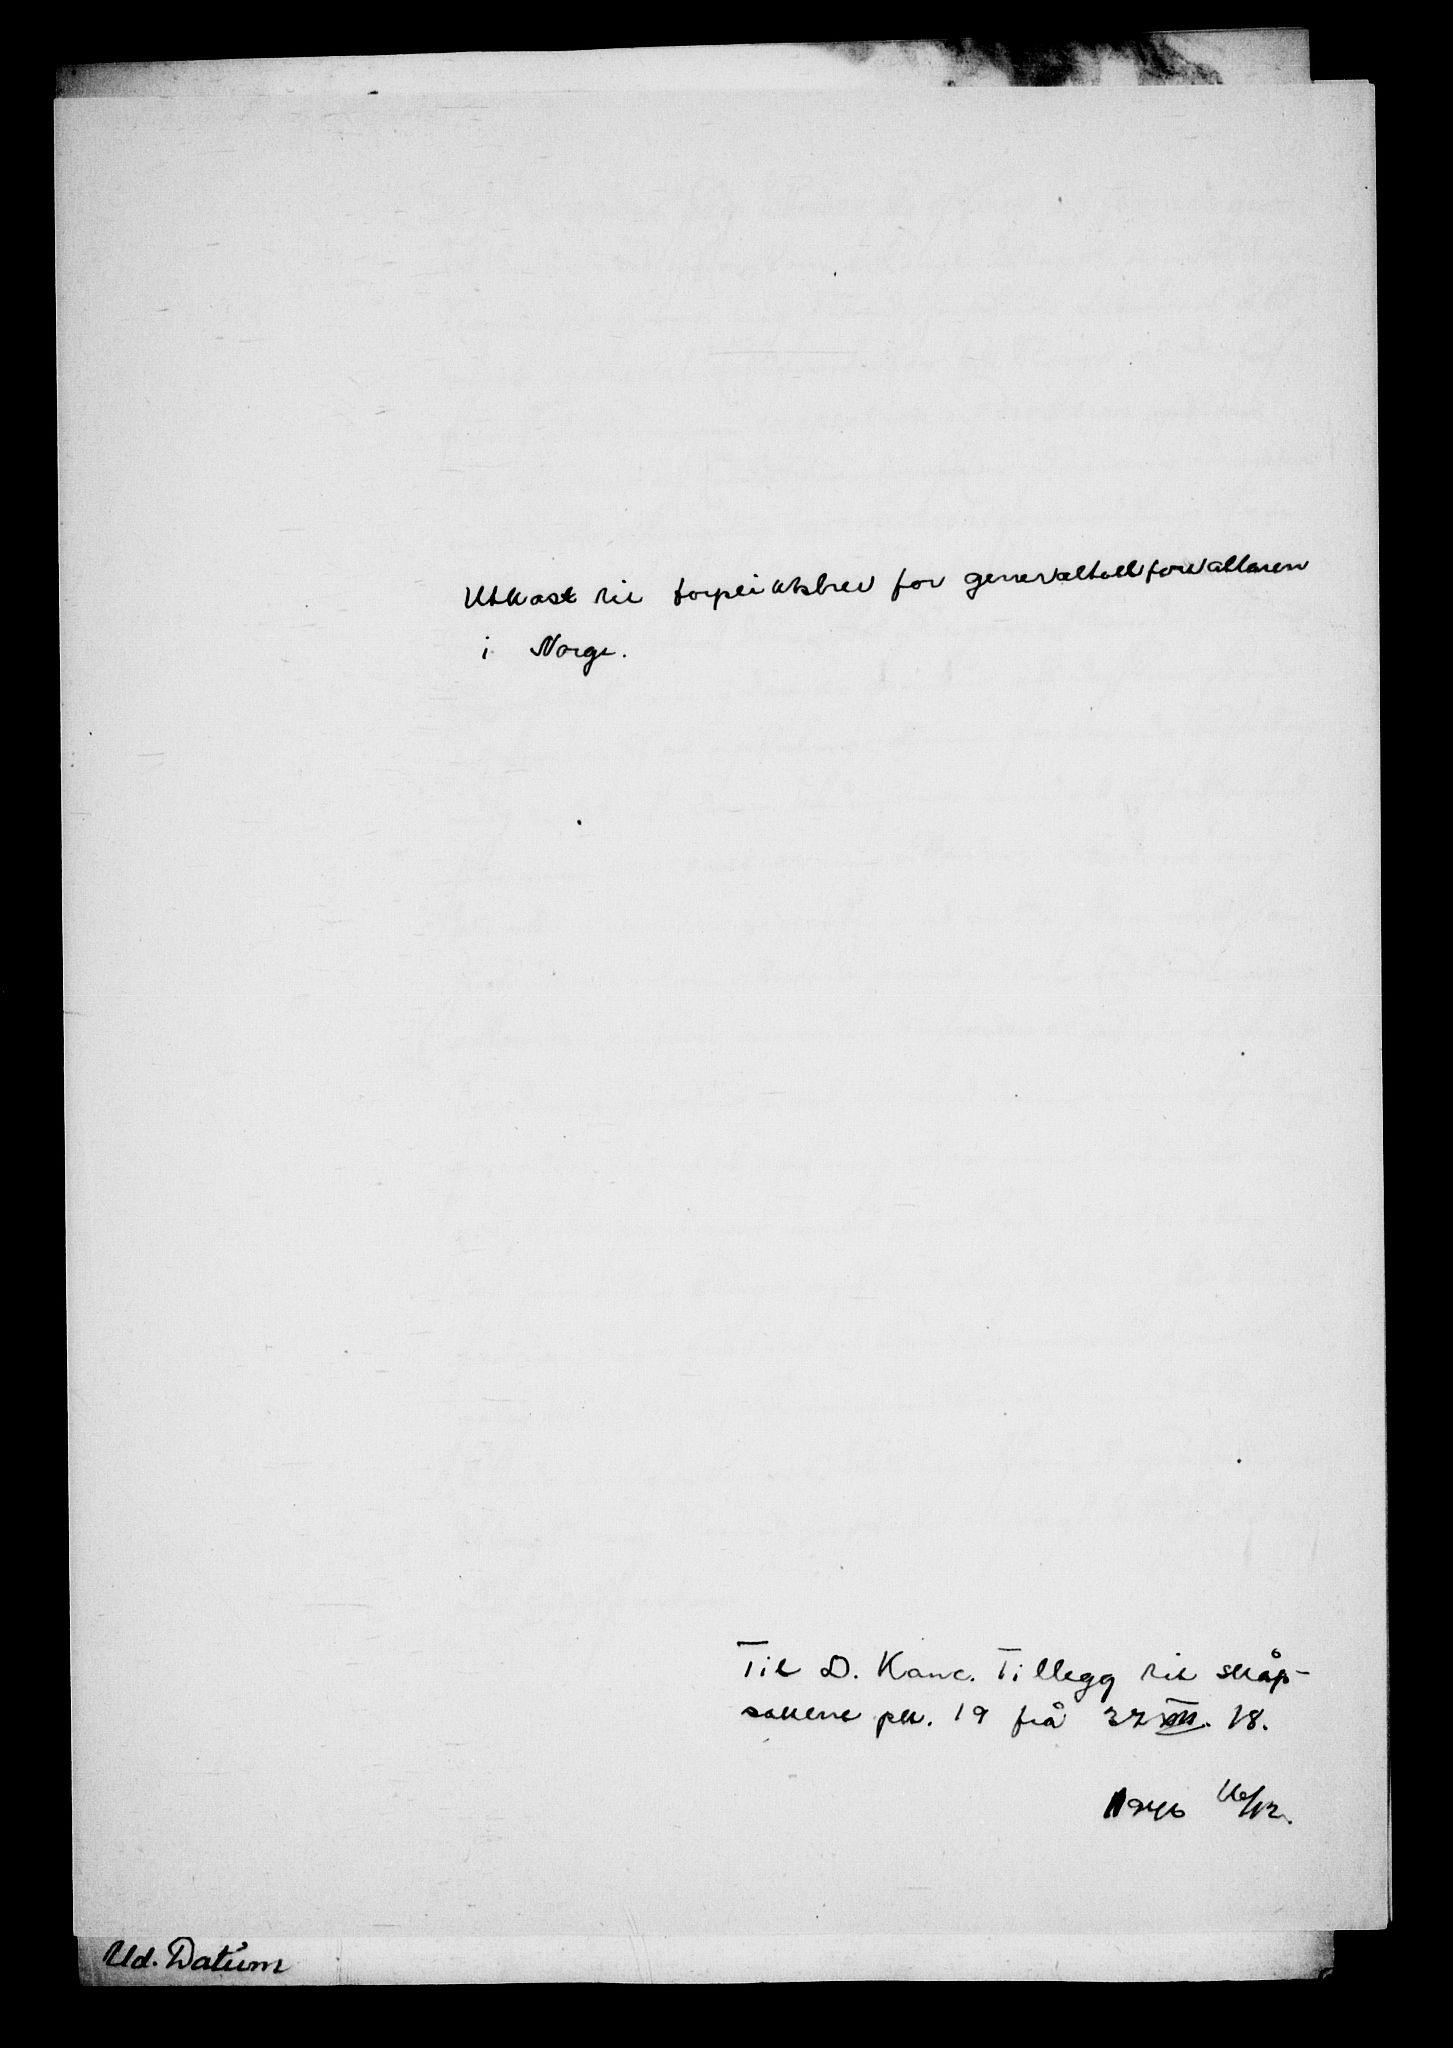 RA, Danske Kanselli, Skapsaker, G/L0019: Tillegg til skapsakene, 1616-1753, s. 151